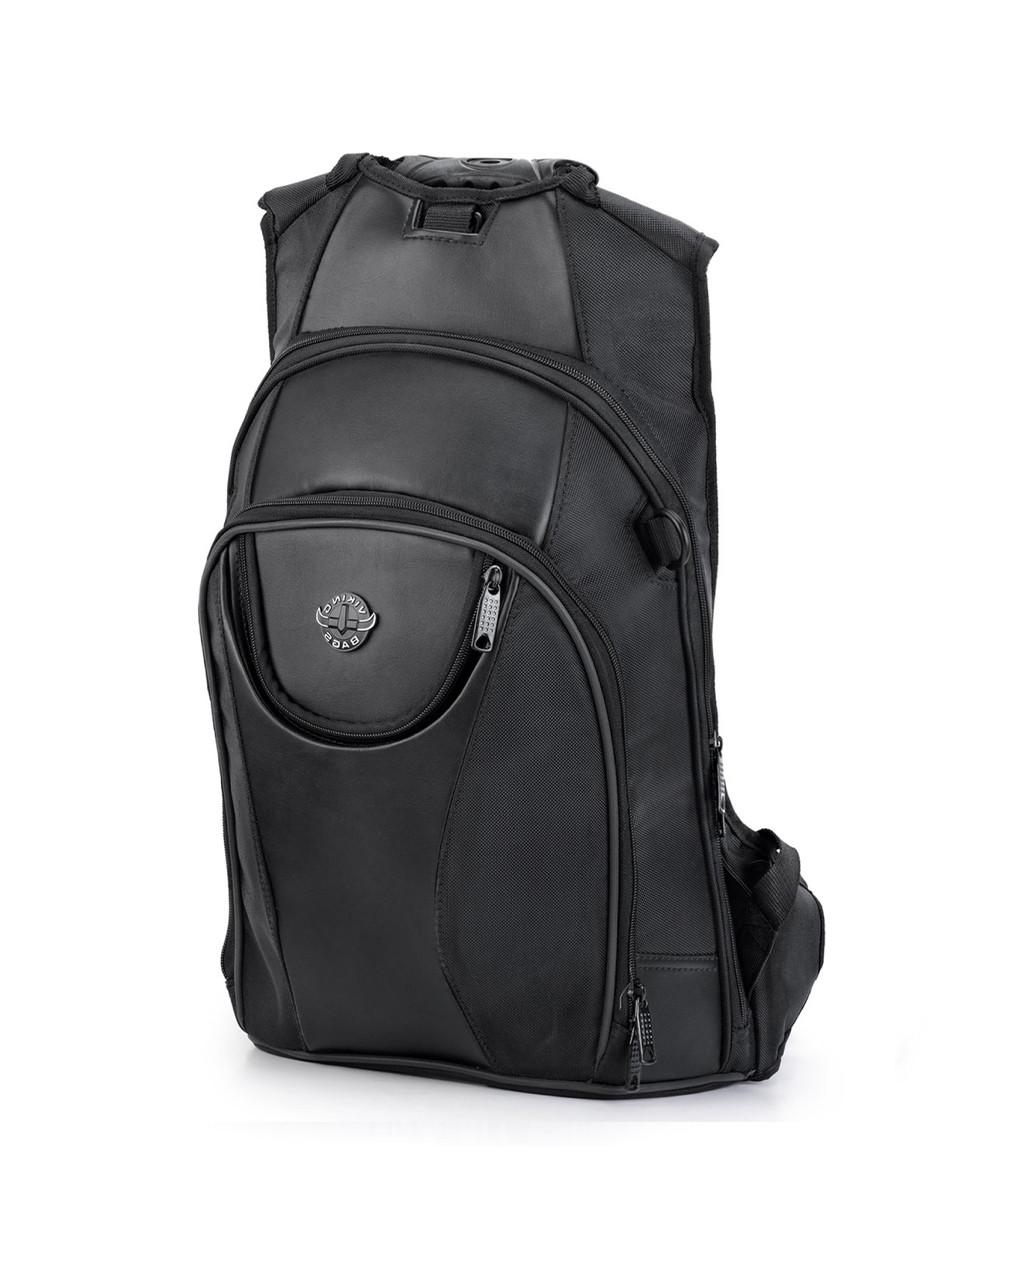 Honda Viking Motorcycle Large Backpack Main Bag View